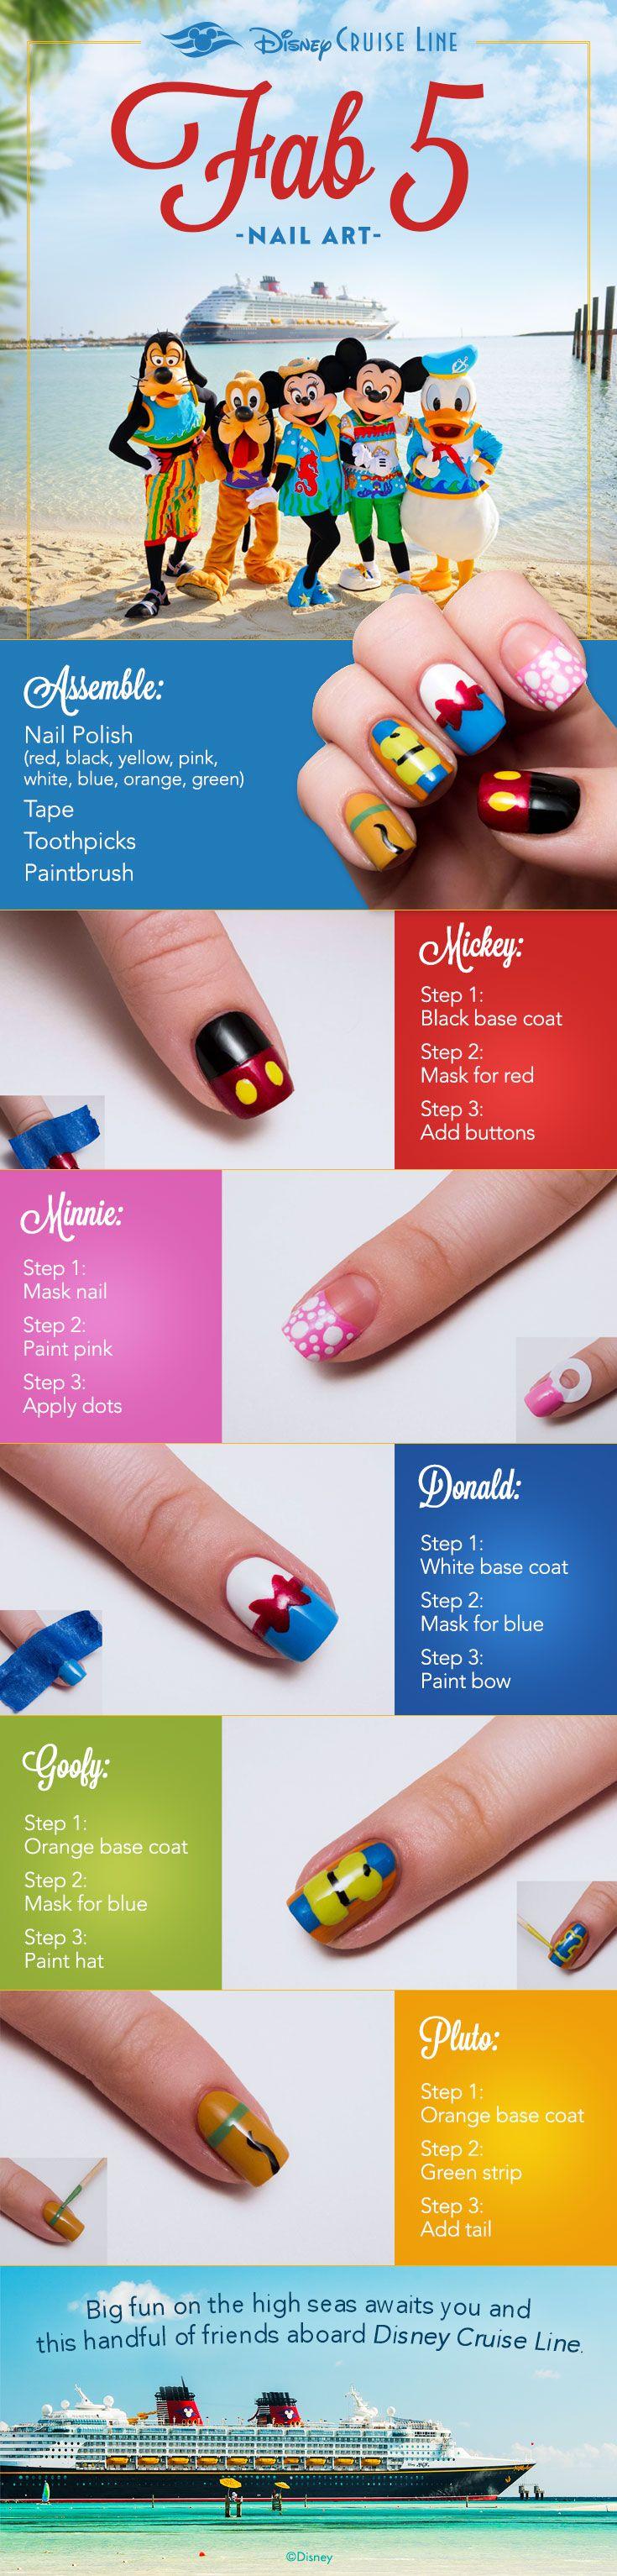 Die 520 besten Bilder zu Nails auf Pinterest   Nagelkunst Design ...